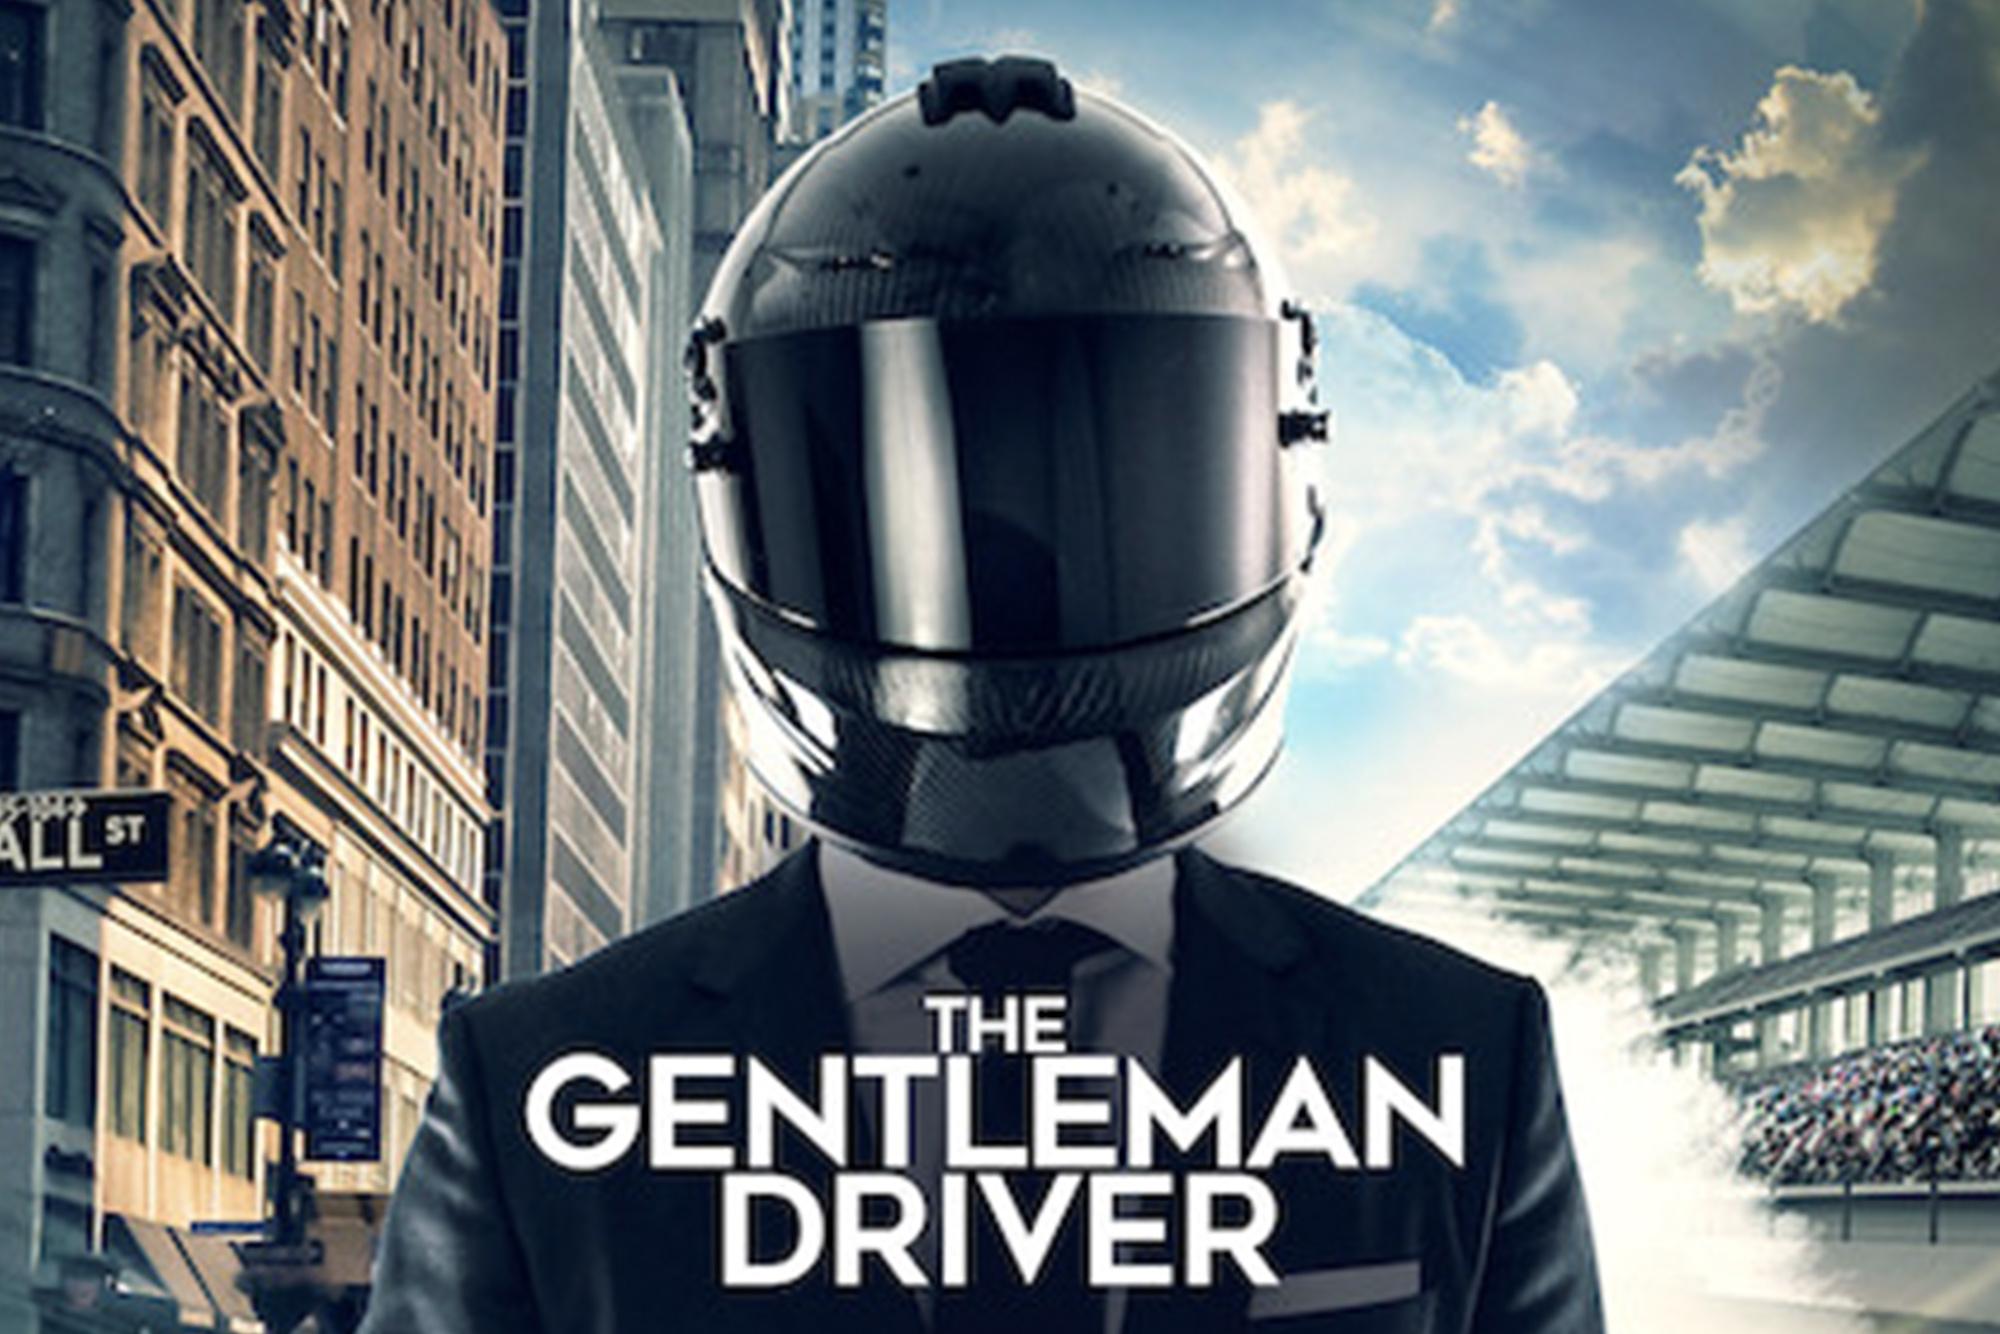 Gentleman Driver poster